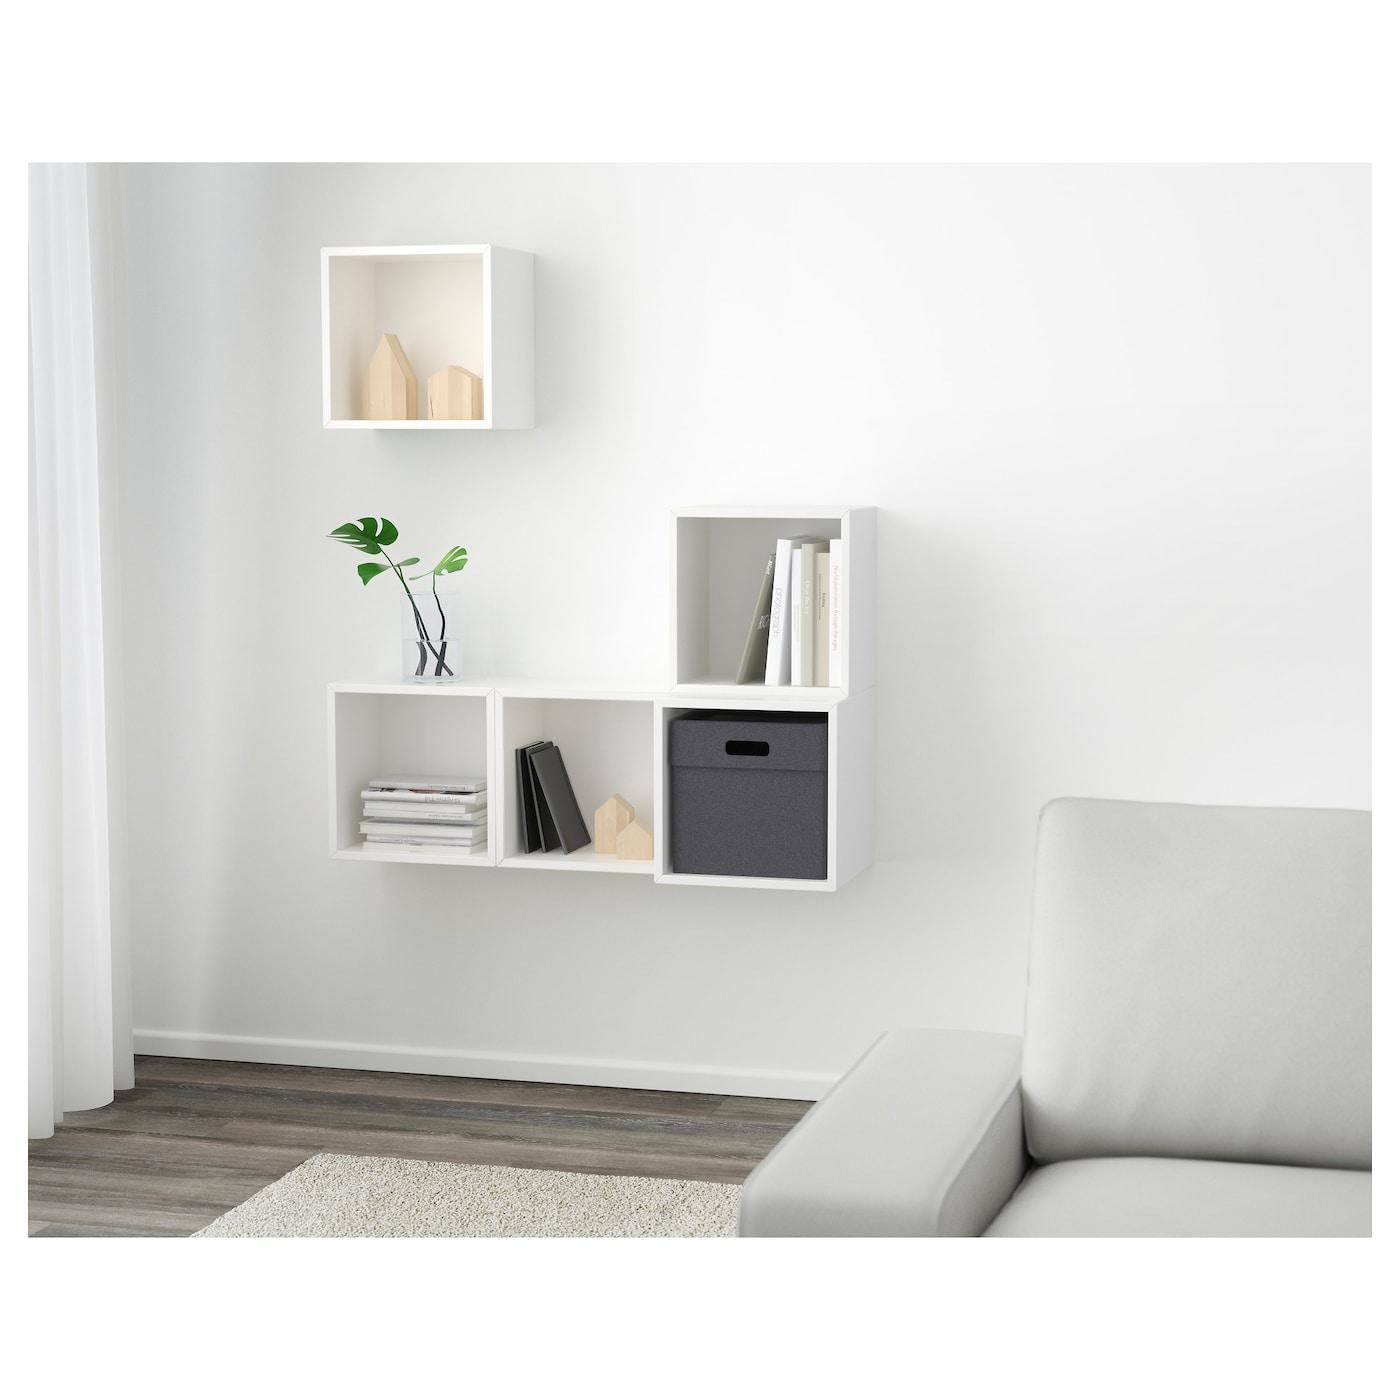 eket kastencombinatie voor wandmontage wit 105x35x120 cm ikea. Black Bedroom Furniture Sets. Home Design Ideas